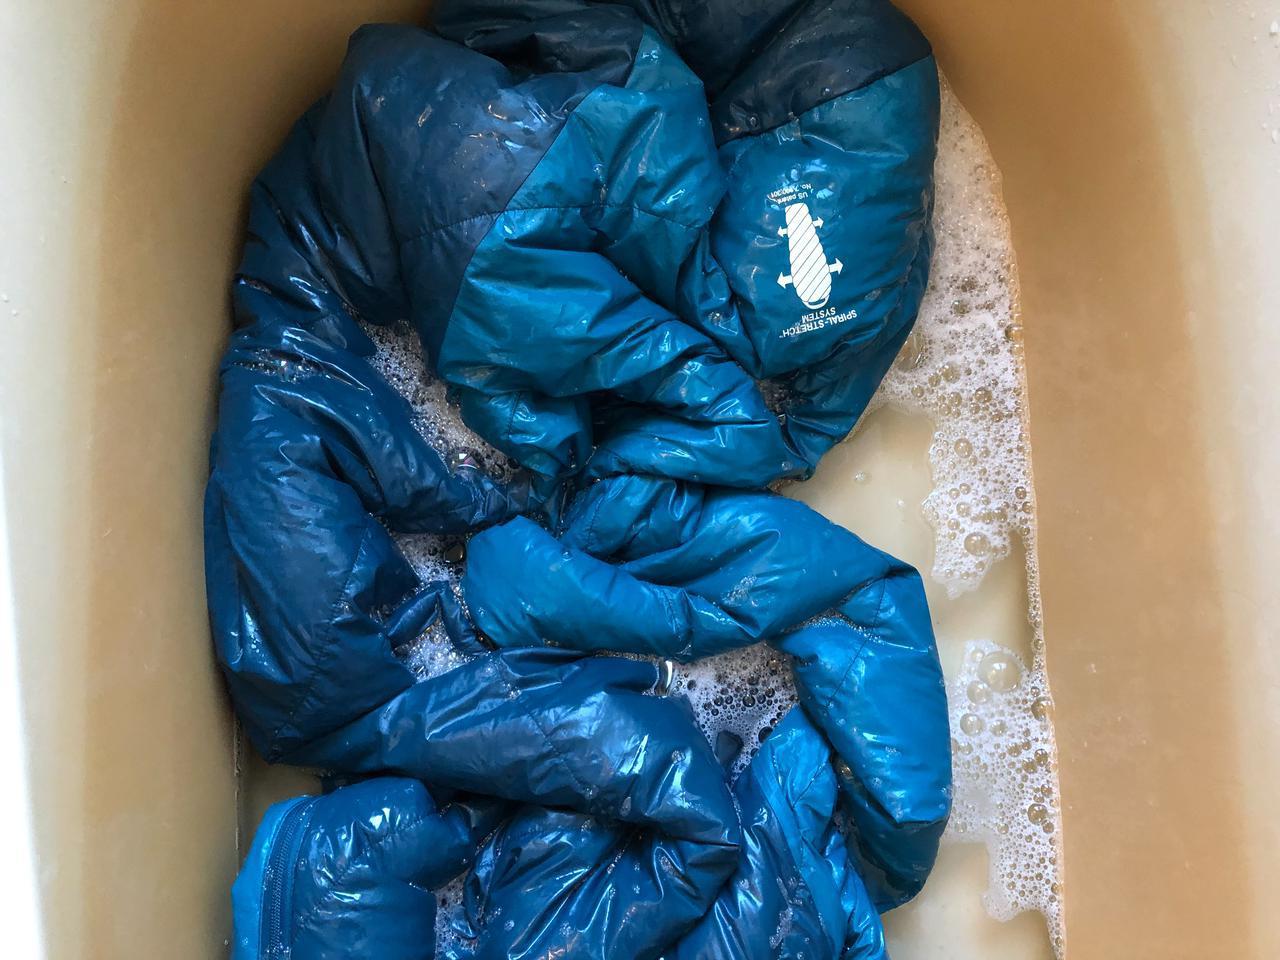 画像: シュラフ(寝袋)の洗濯法をキャンプ場スタッフが解説 モンベルのダウン用洗剤も紹介 - ハピキャン|キャンプ・アウトドア情報メディア